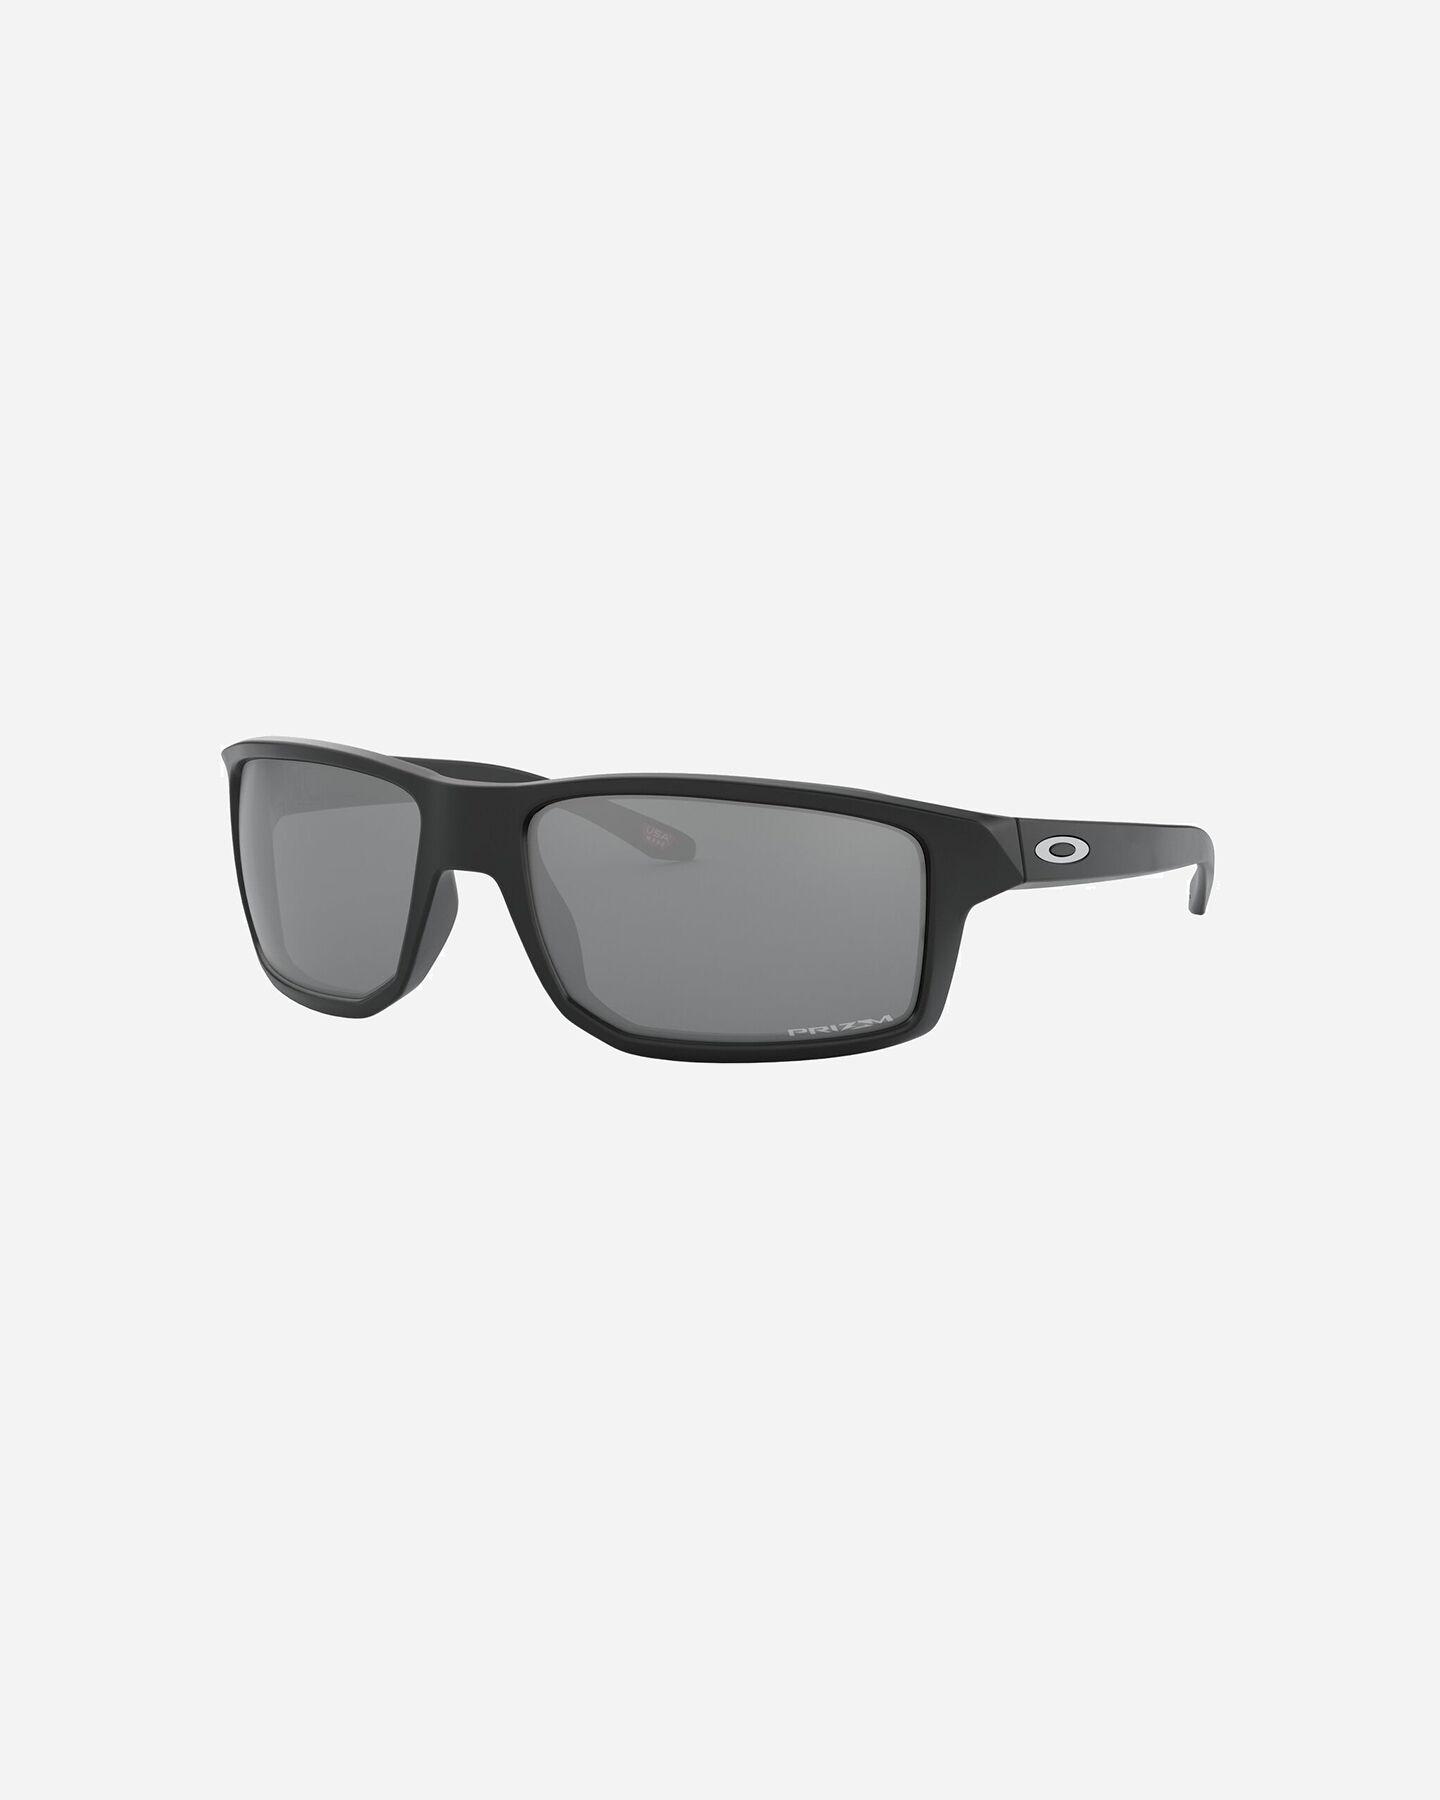 Occhiali OAKLEY GIBSTON S5221238|0360|60 scatto 0